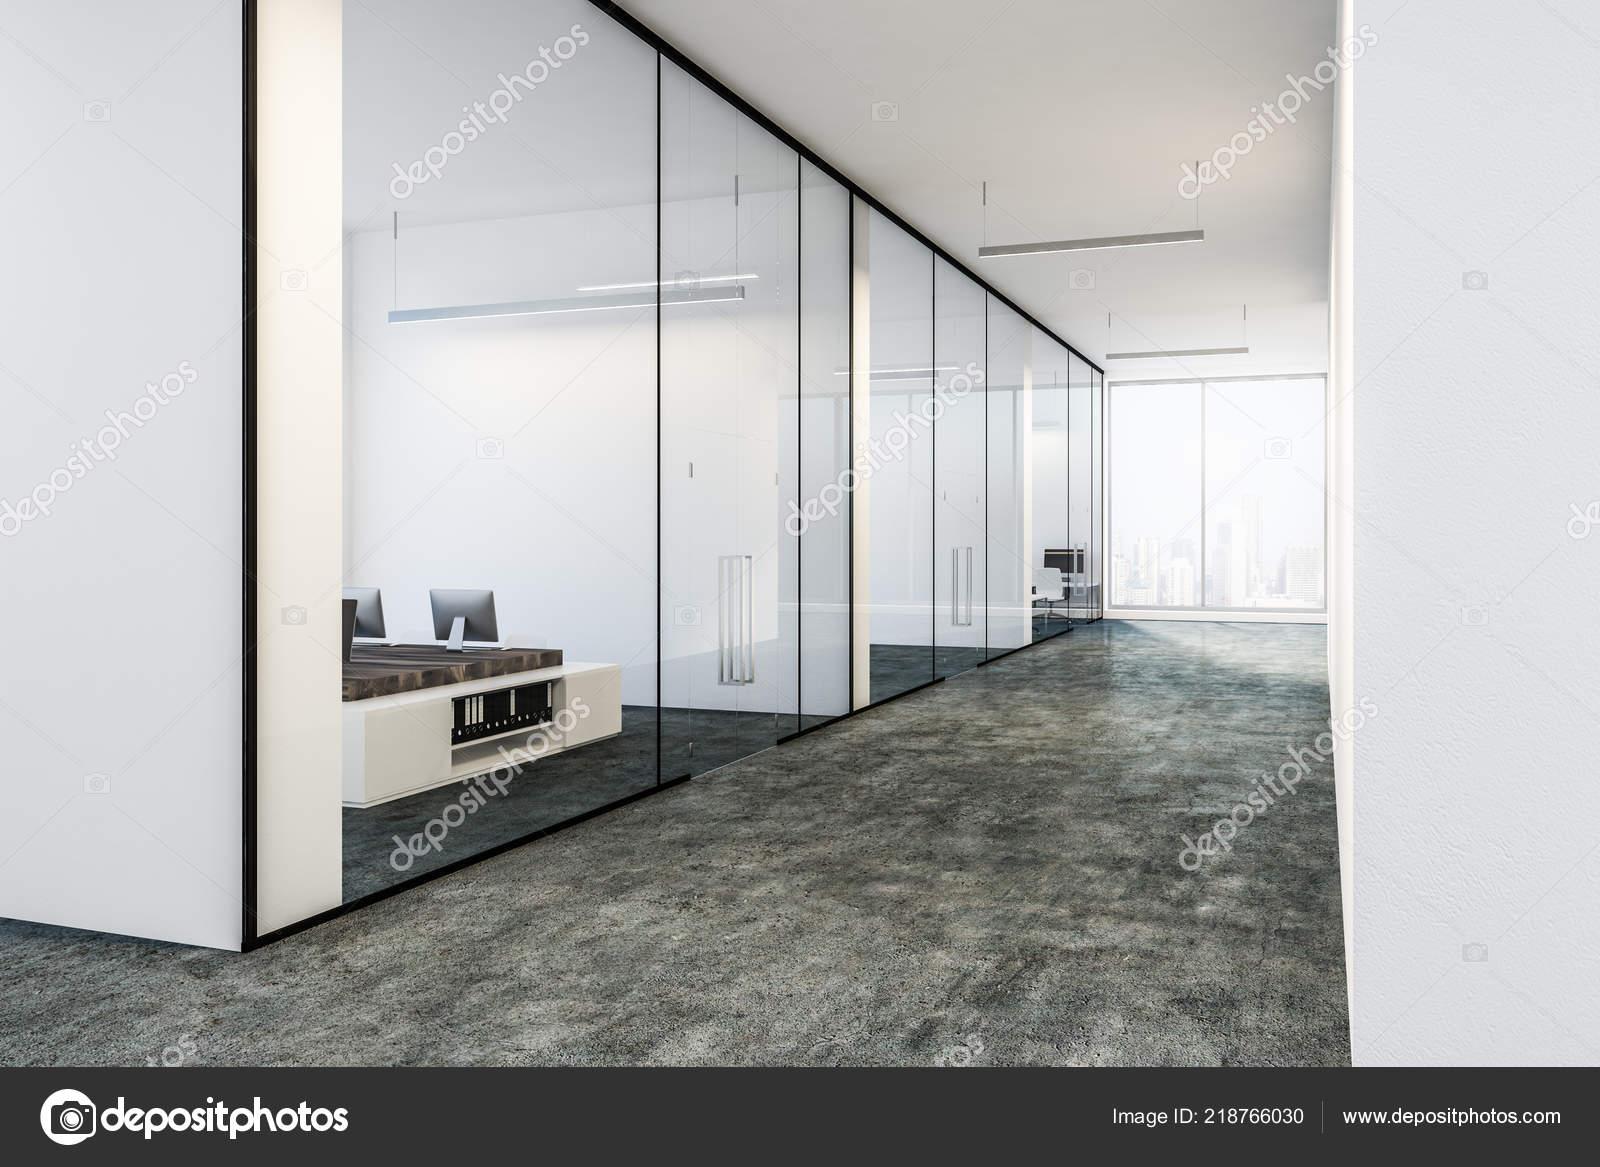 Fußboden Aus Glas ~ Lobby des modernen büros mit weiß und glas wände fußboden